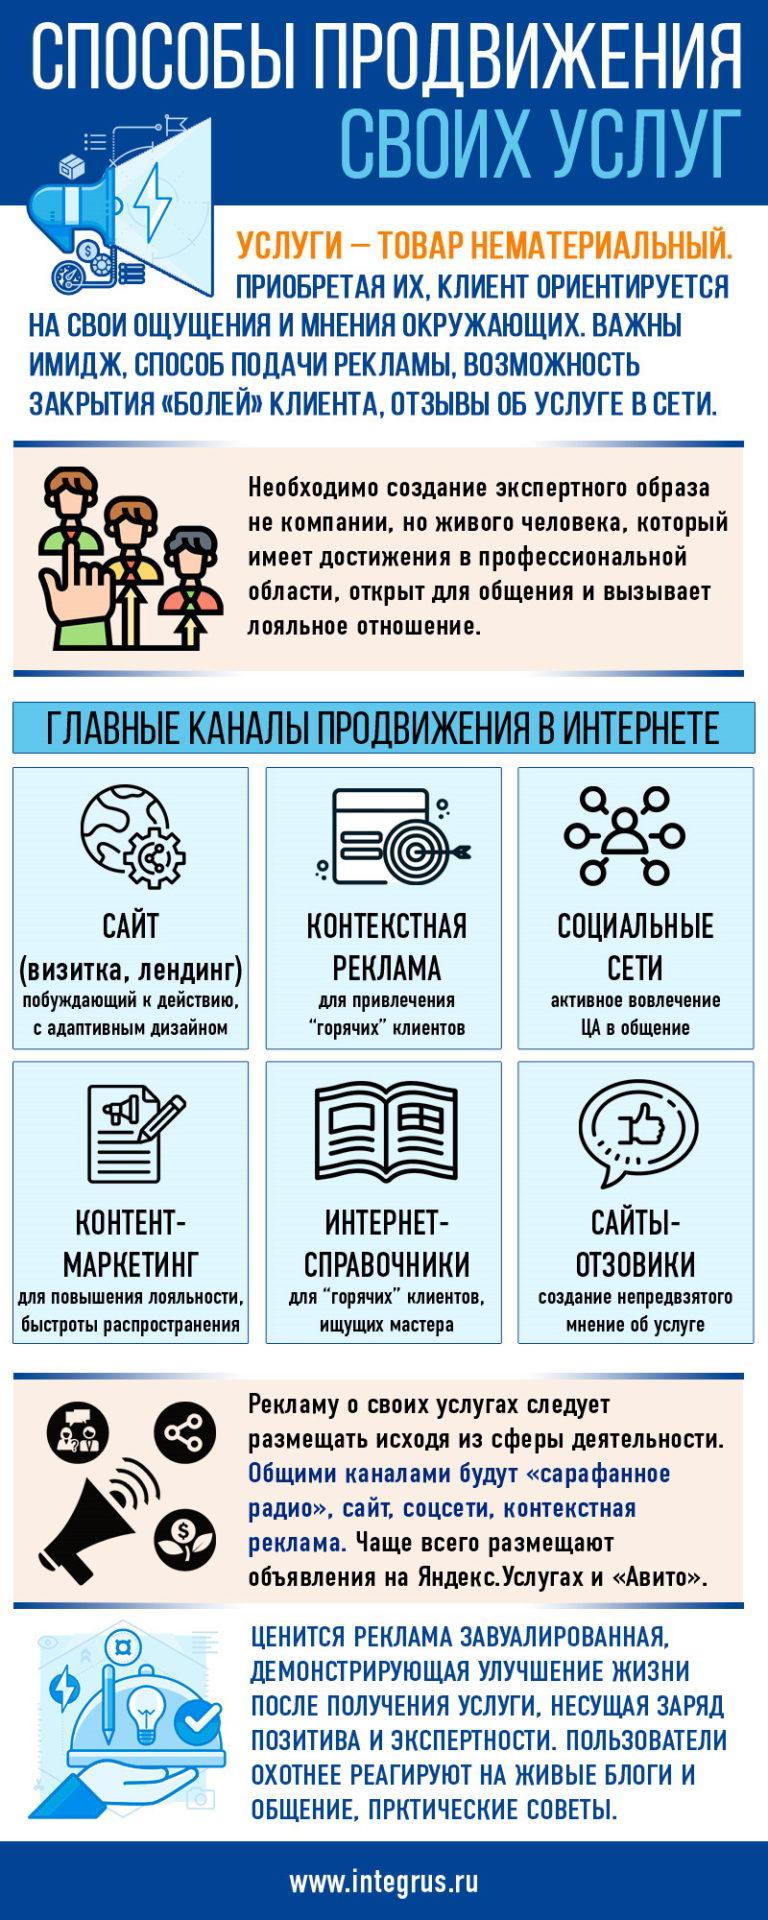 Методы продвижения своих услуг в Интернете